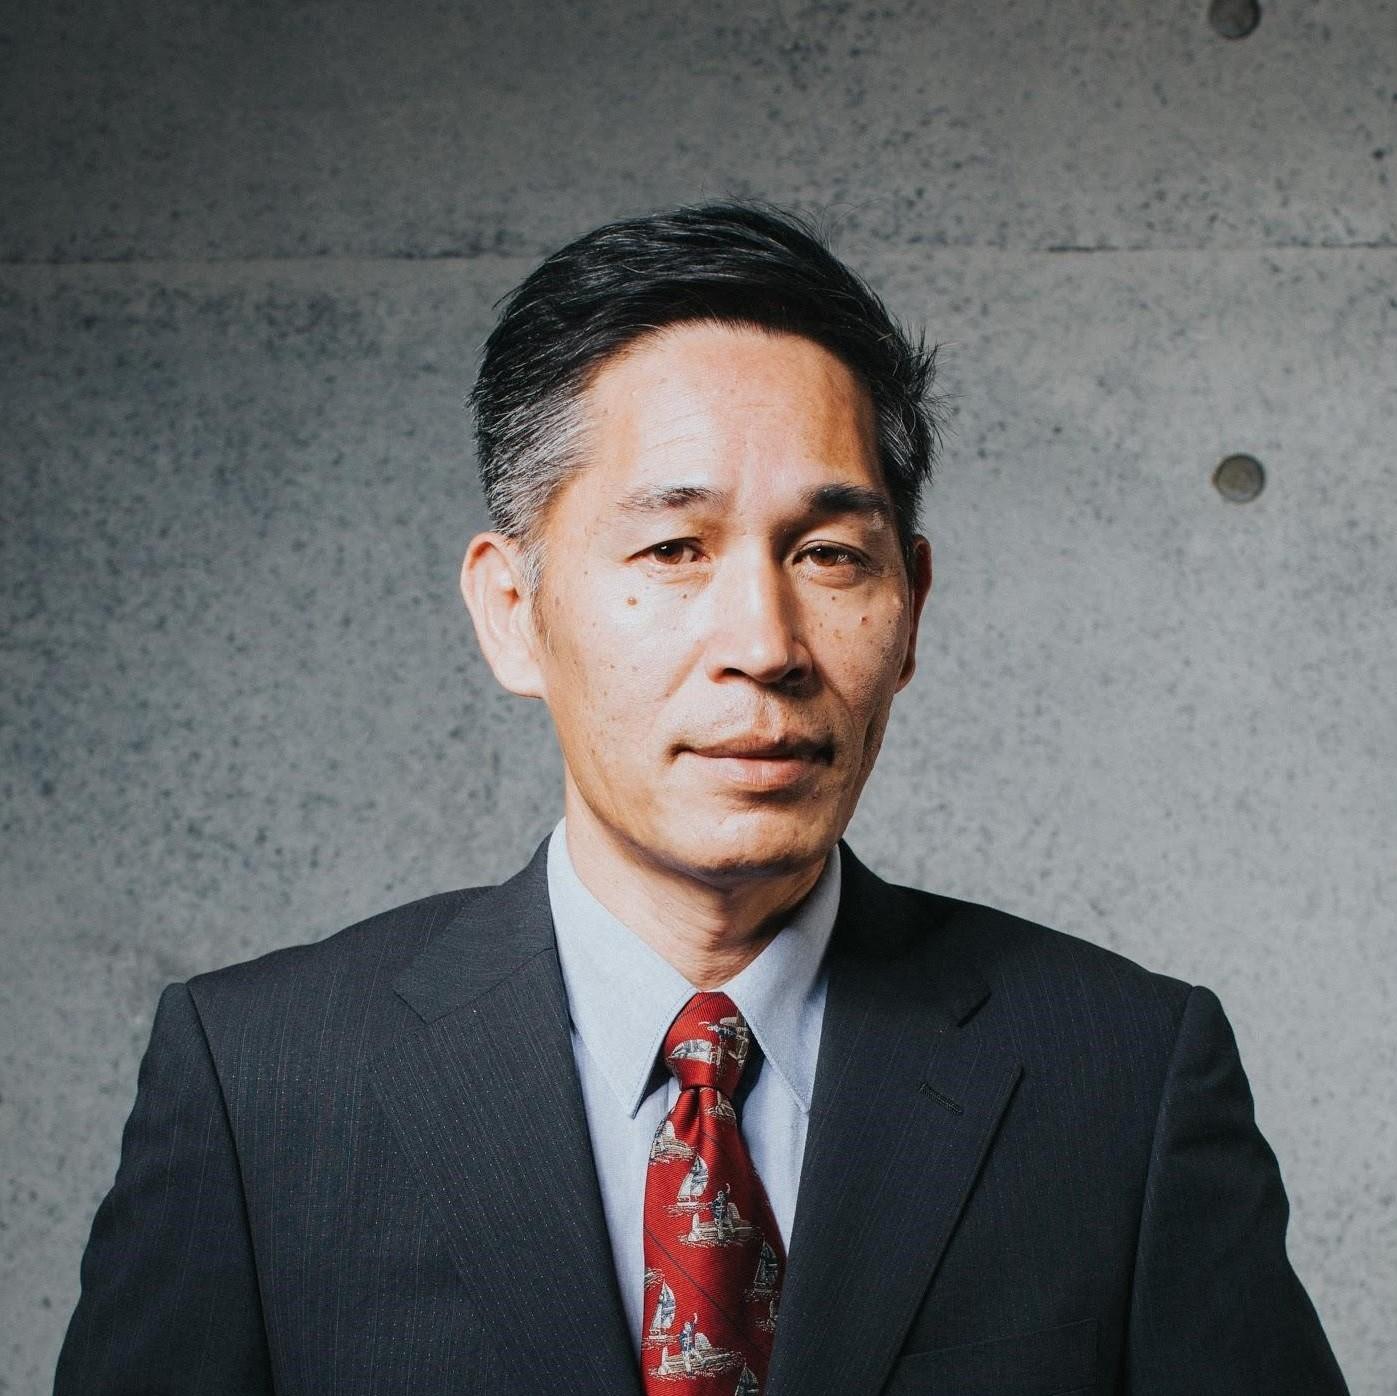 高國元 (Stone Kao) 博士  技術顧問